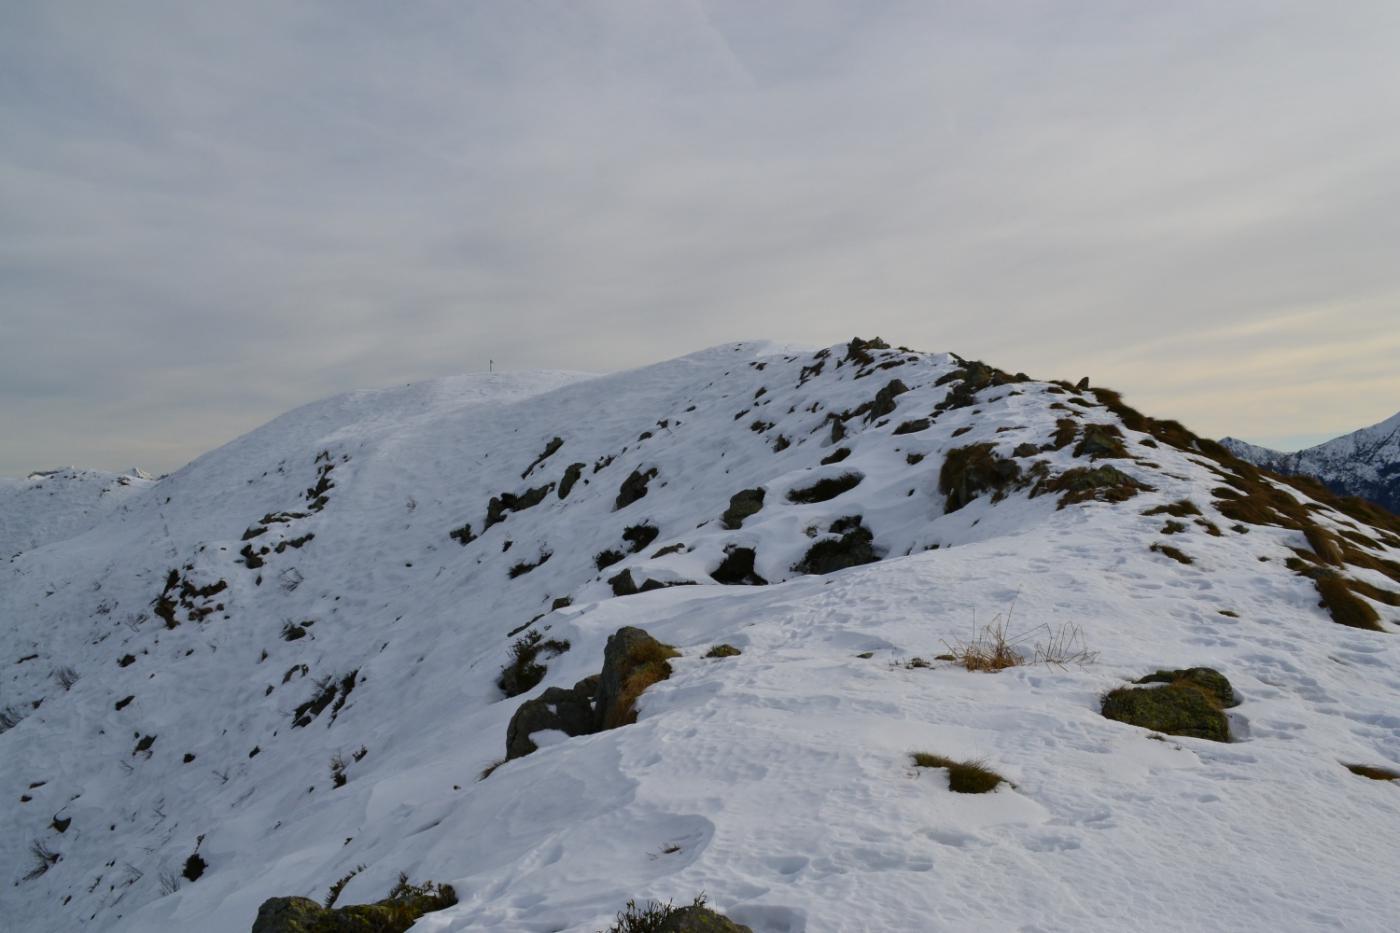 la facile cresta di salita alla cima